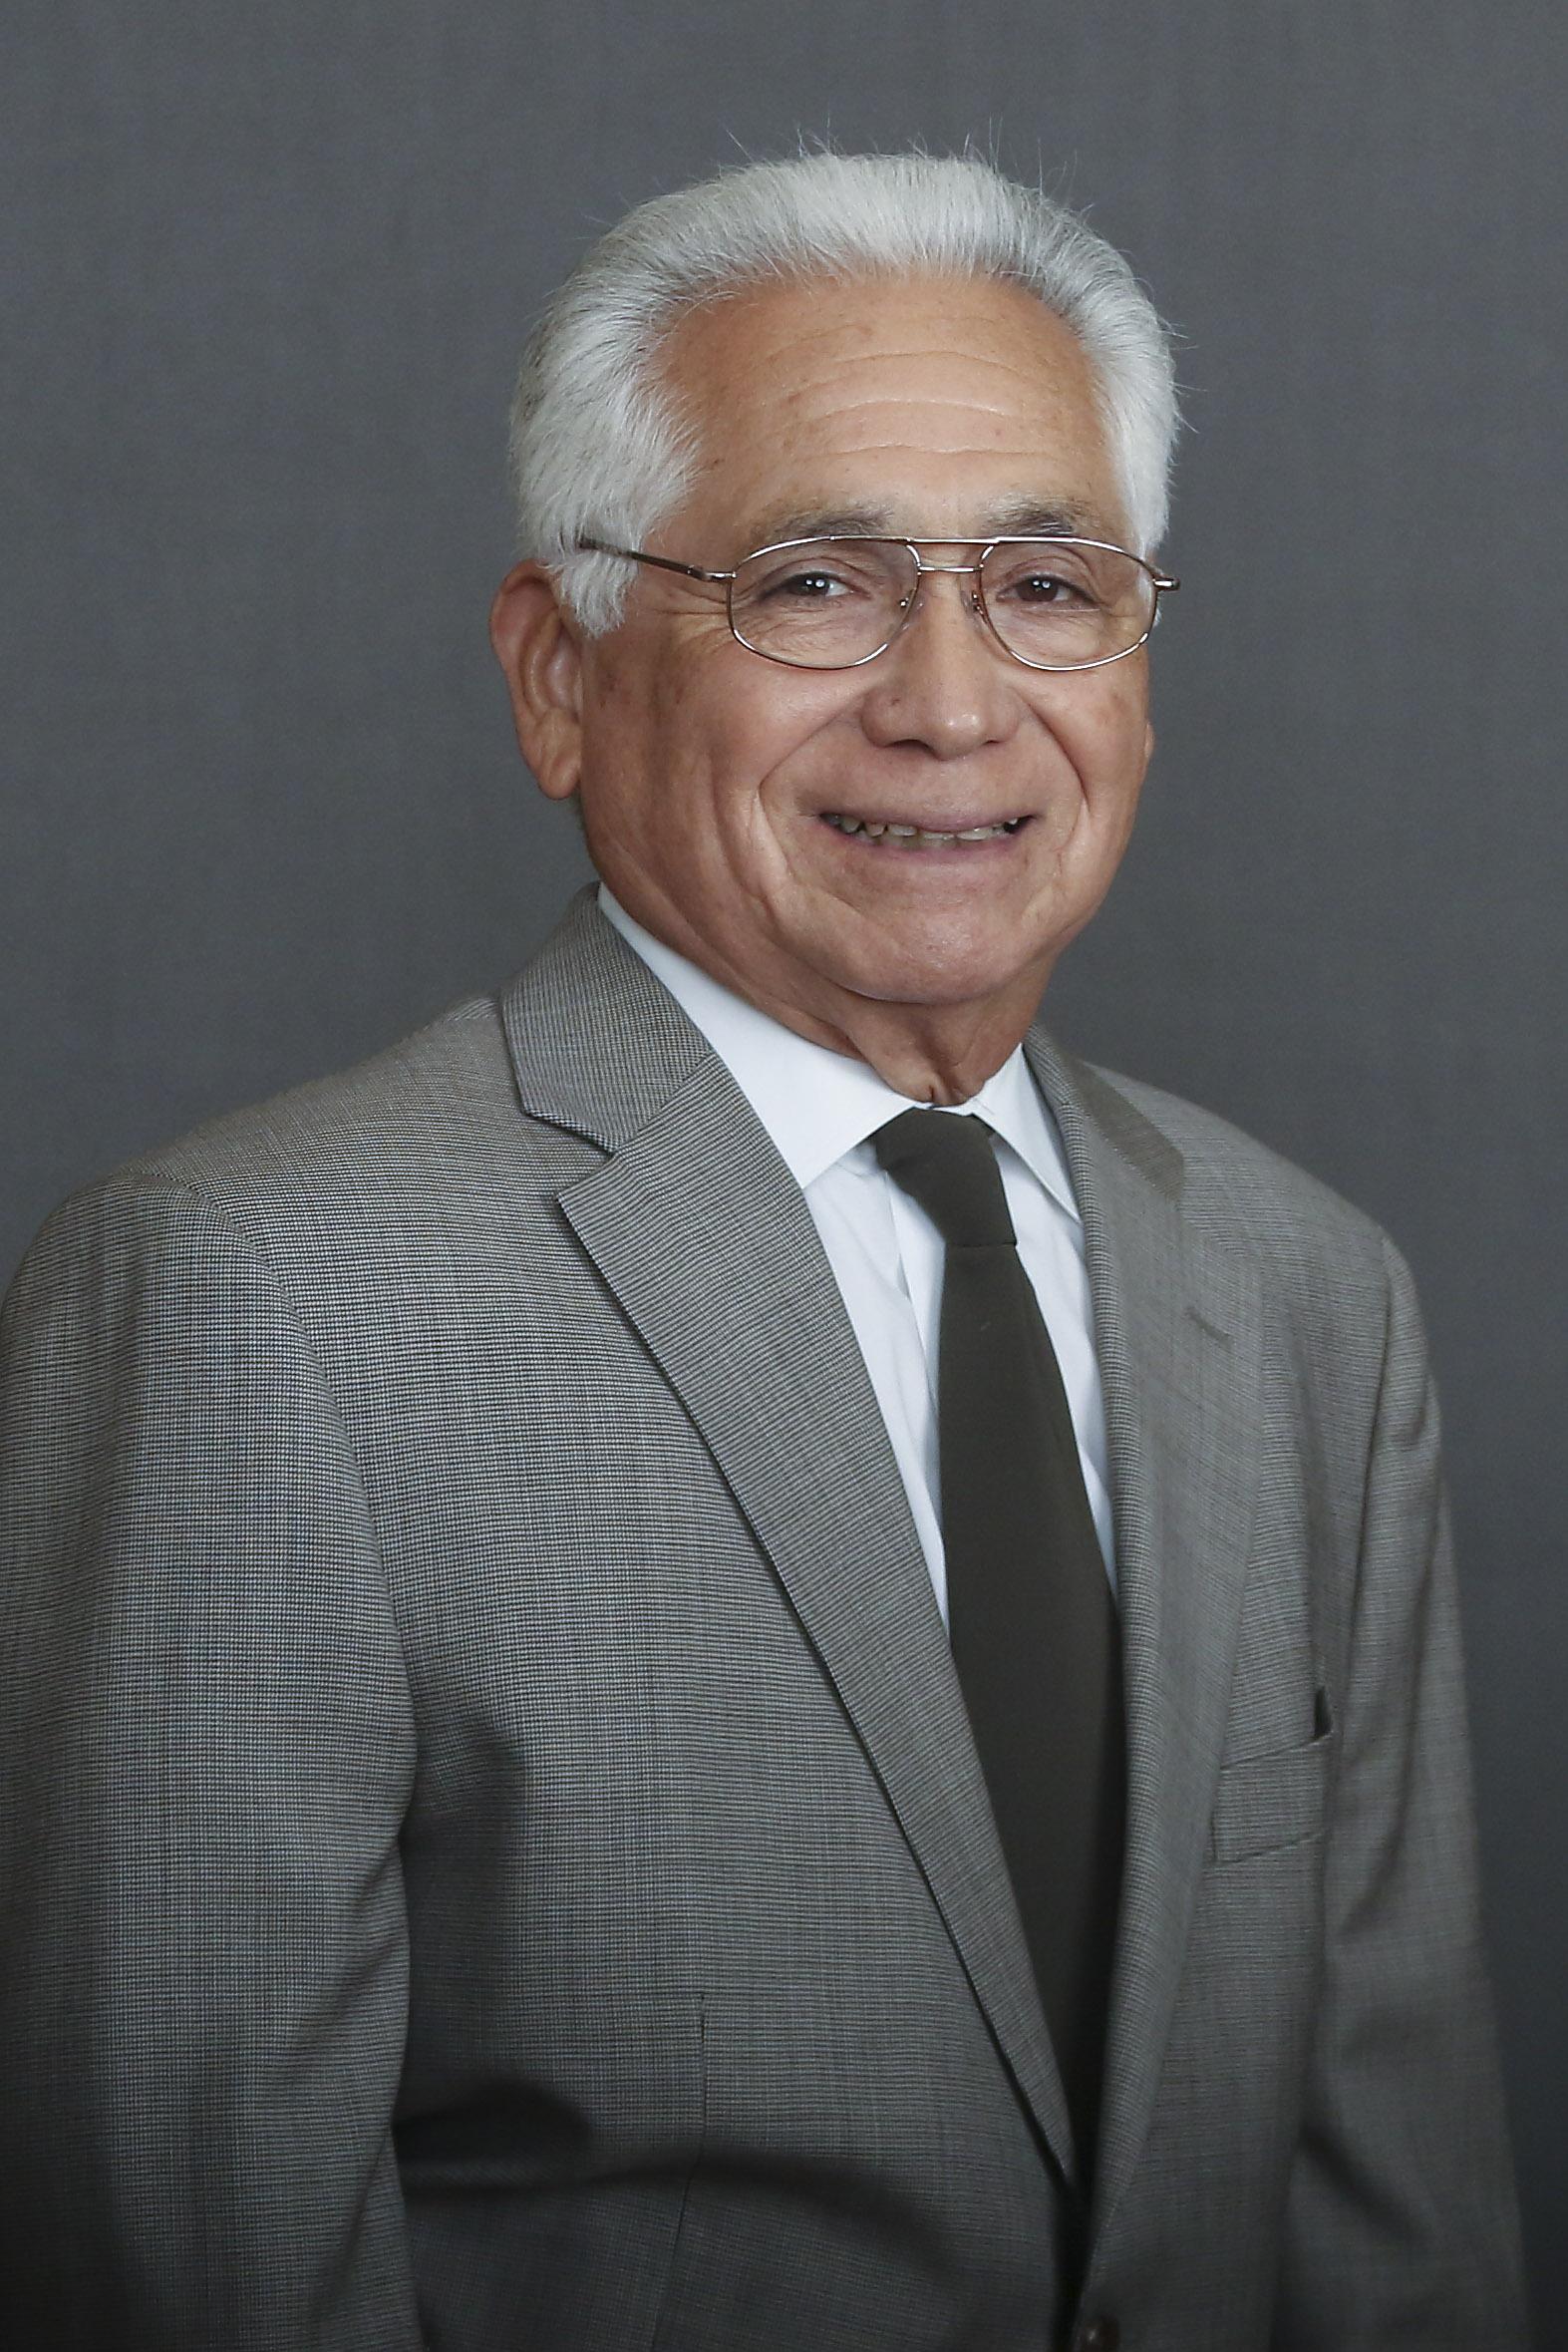 Paul Galvan